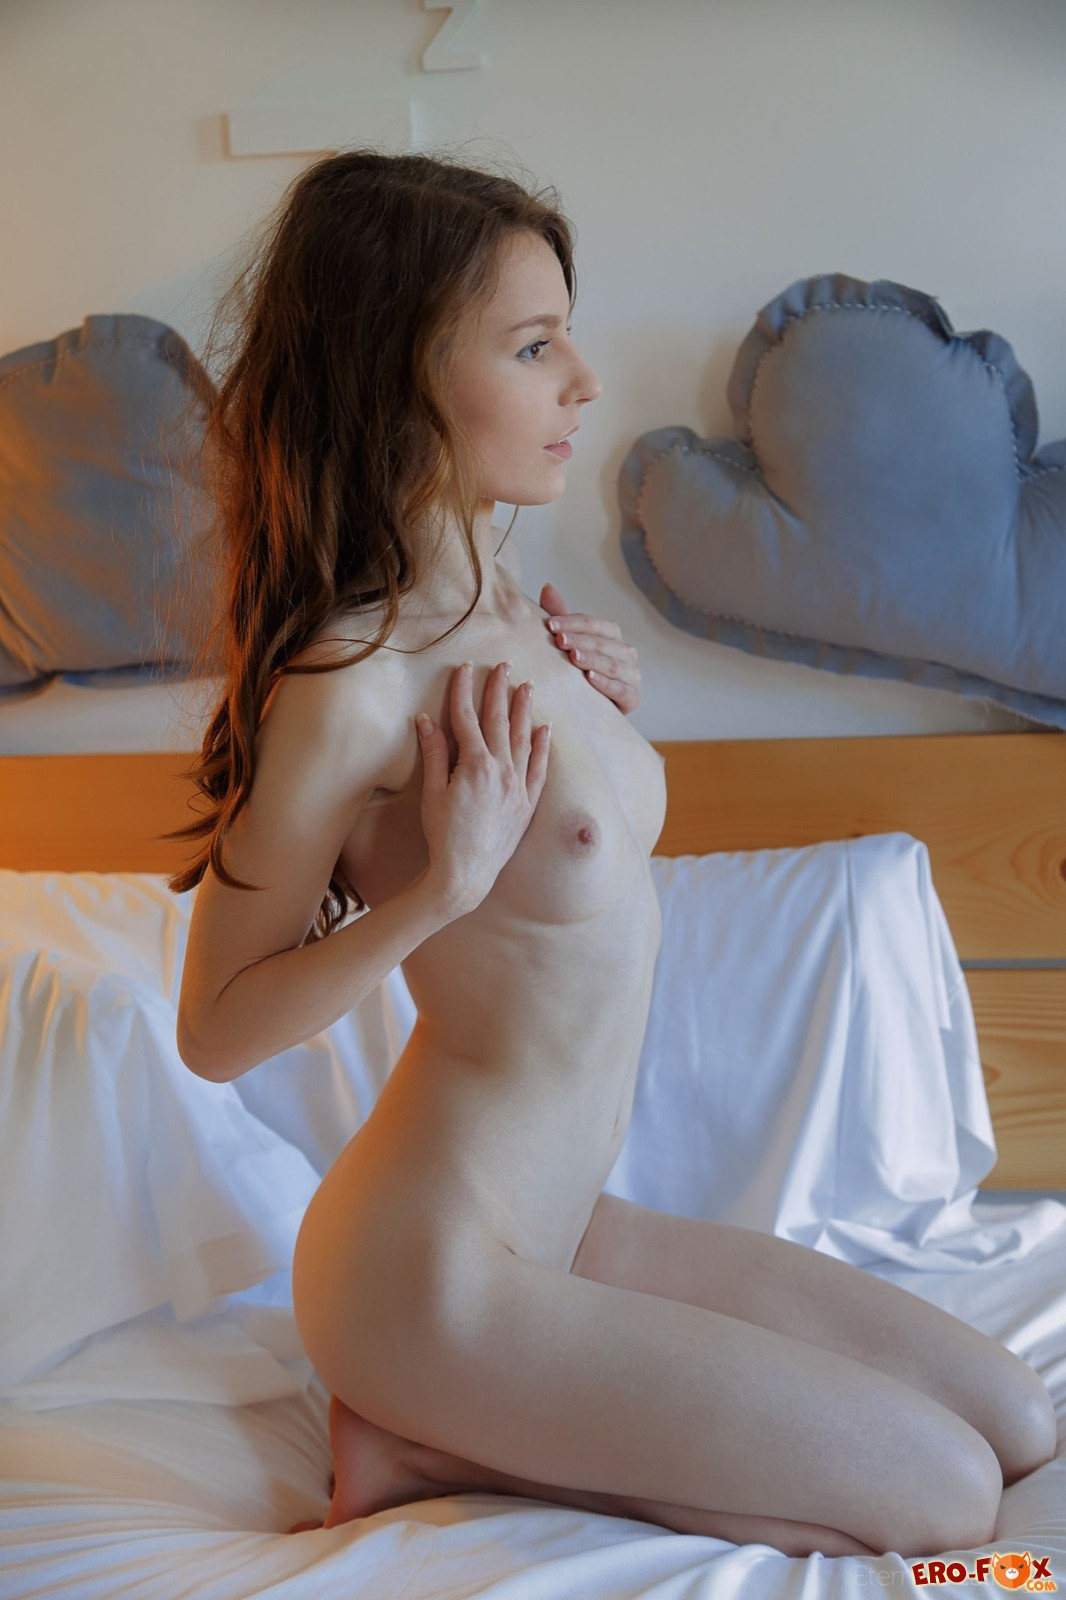 Голая брюнетка на кровати  эротика